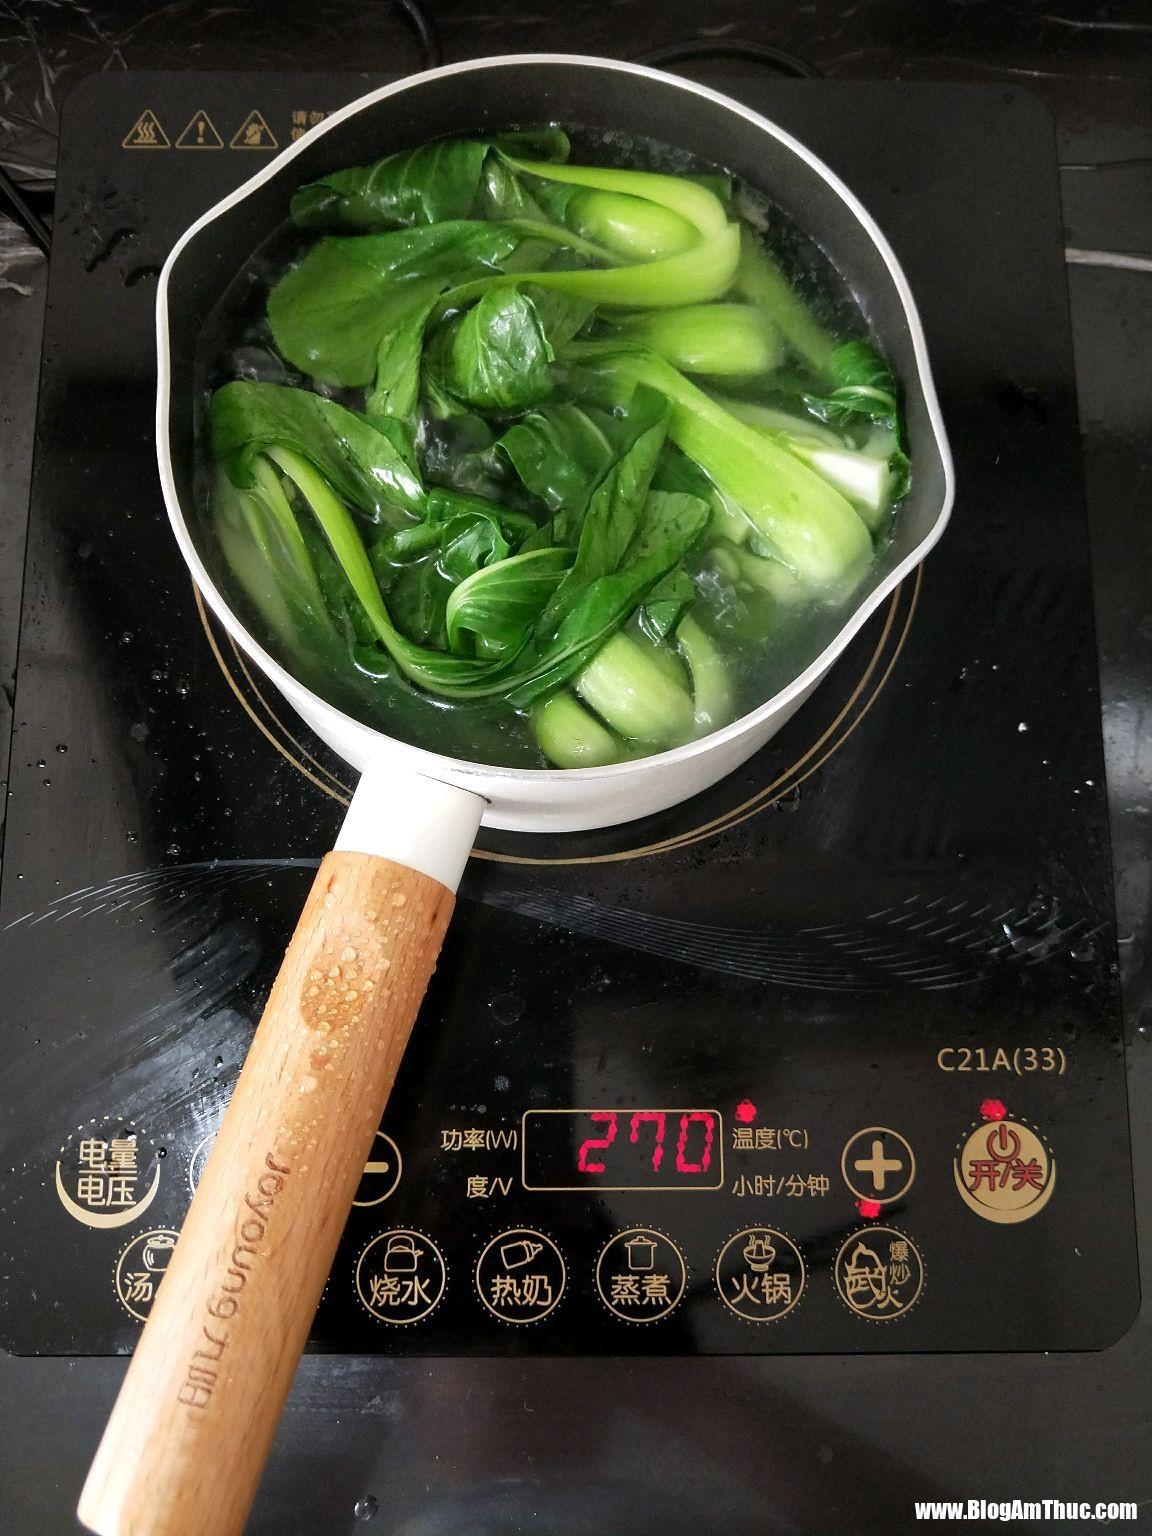 yuan17ff6b7880c16e733d3f5d401e61f264 1548235521146884580600 2 món ăn quen thuộc nhưng bạn đã biết cách chế biến để giữ lại chất bổ?